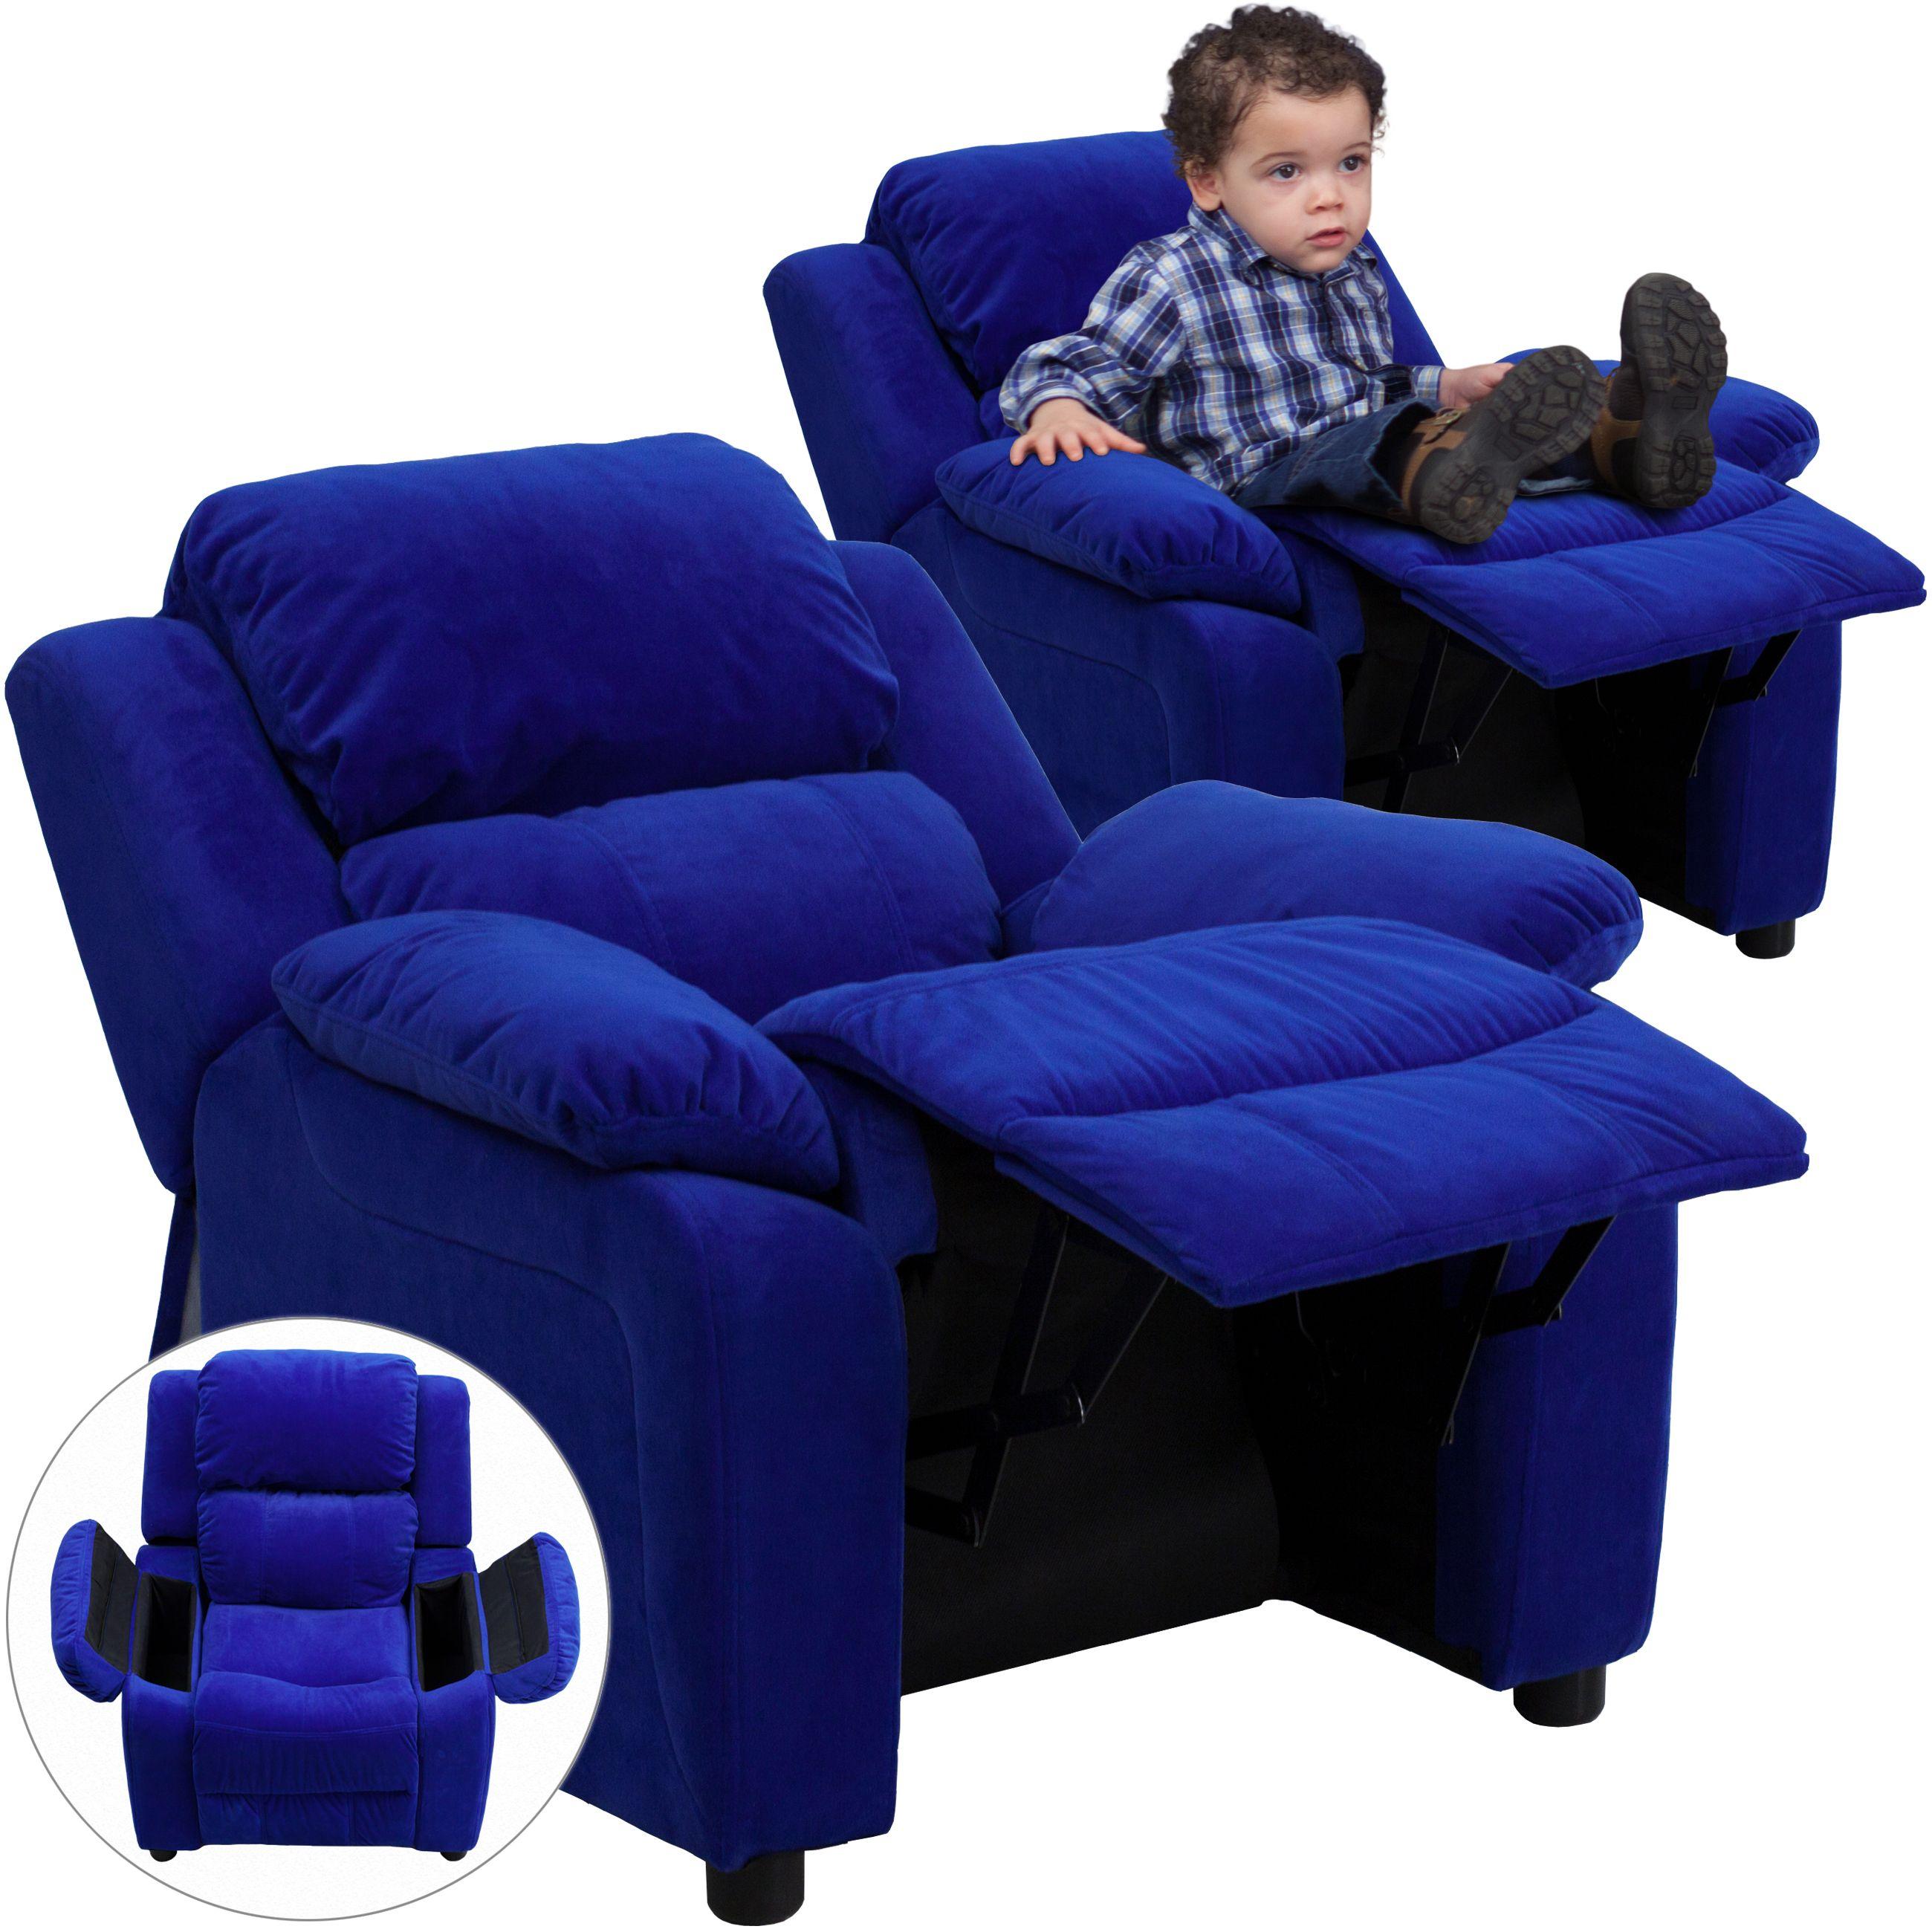 kids recliner. kids recliner   Home Goods   Pinterest   Recliner